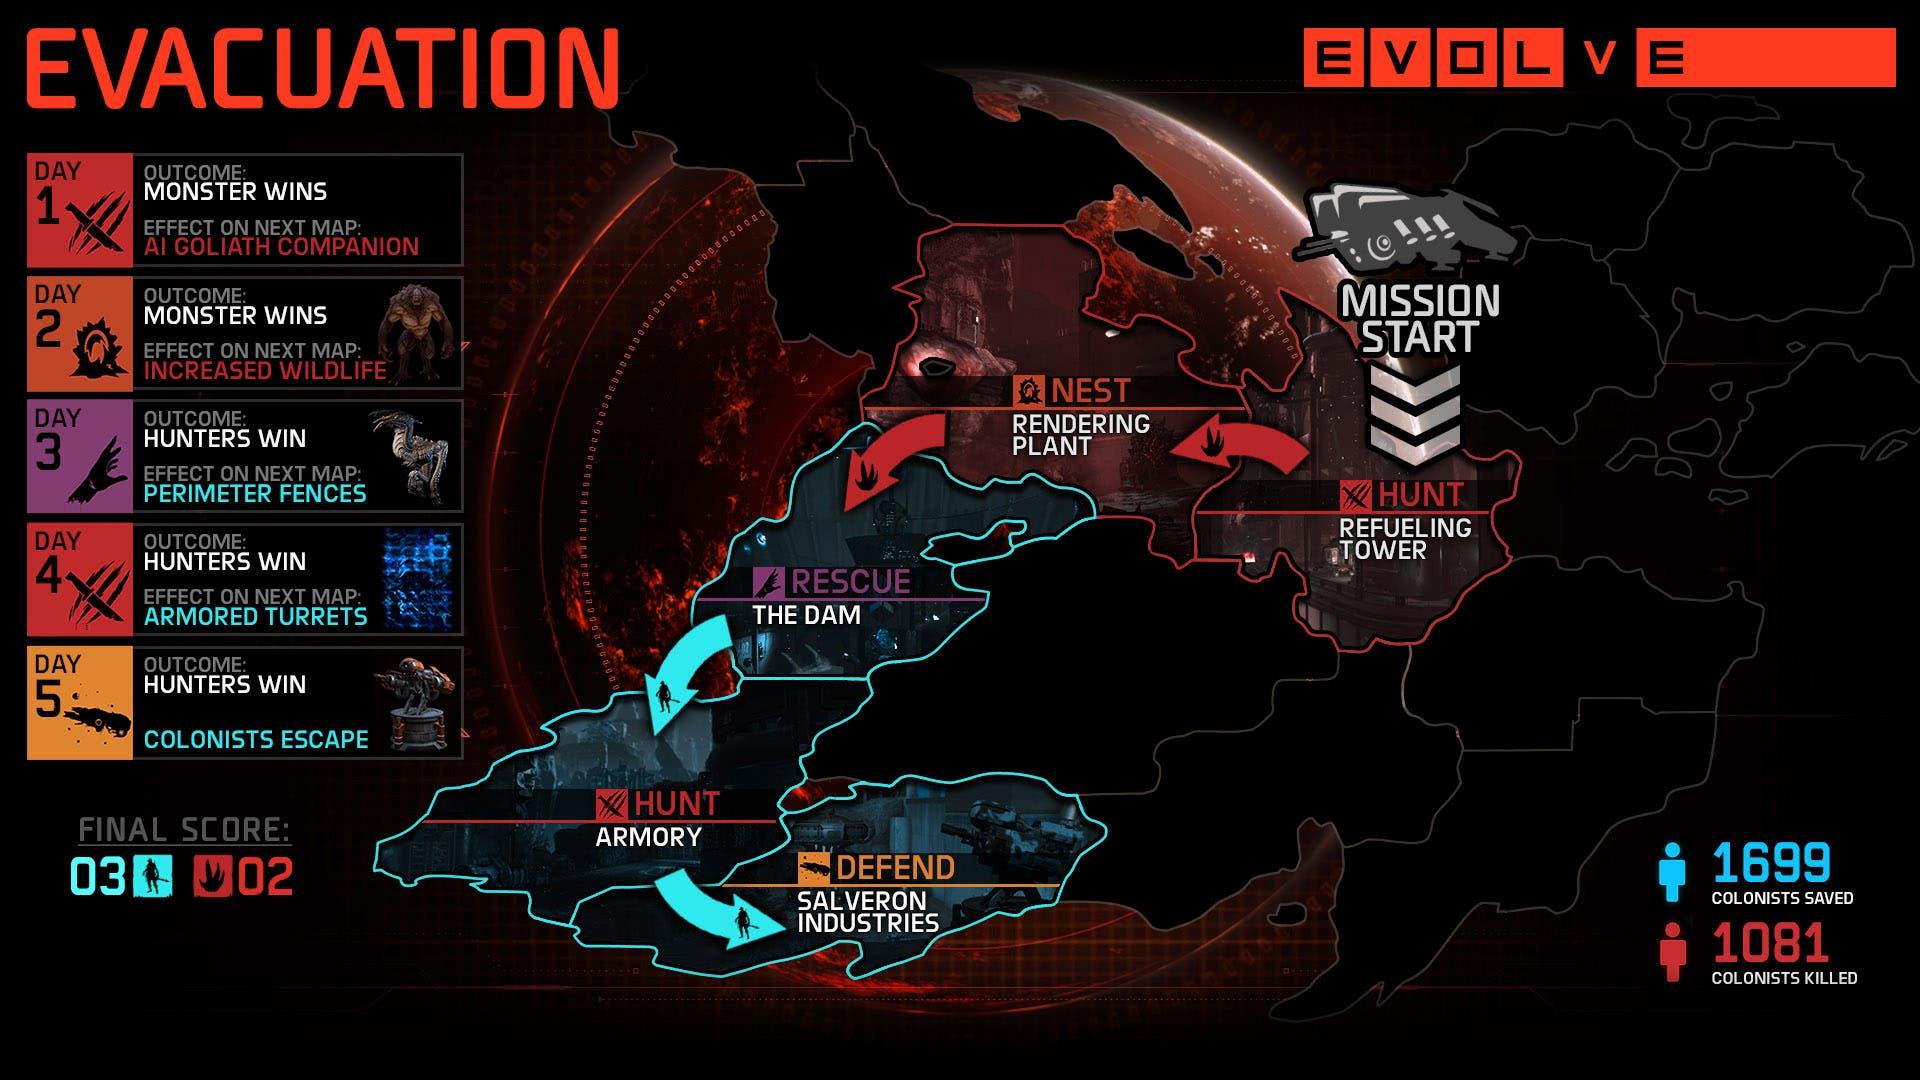 Modos_de_Juego_Para_Evolve_evacuation_infographic_Evolve